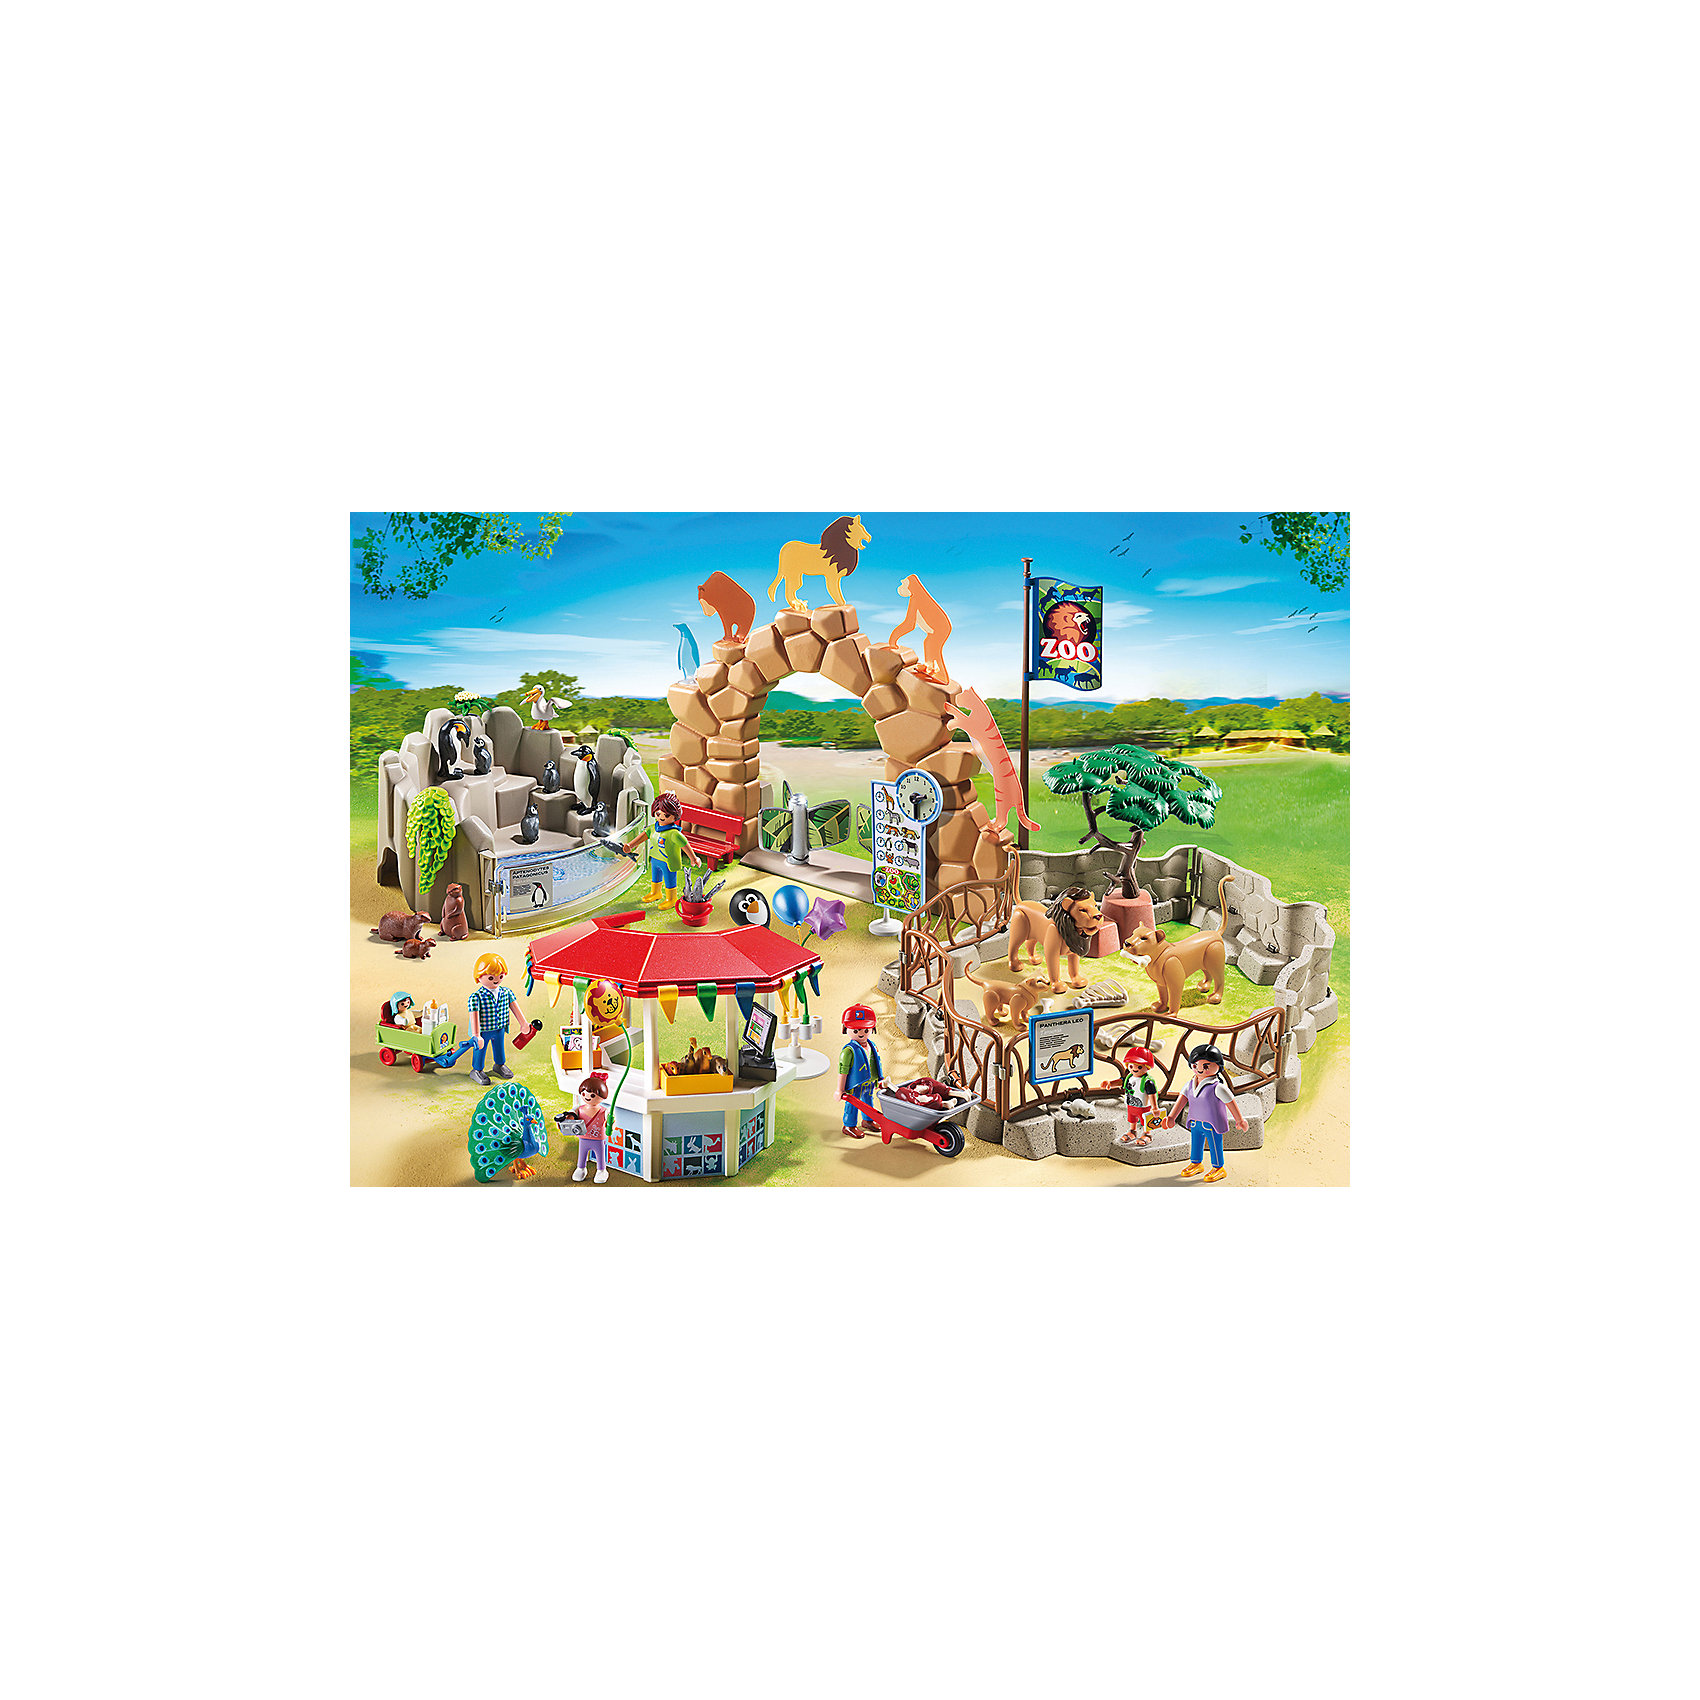 PLAYMOBIL® Мой большой зоопарк, PLAYMOBIL playmobil® зоопарк стая фламинго playmobil